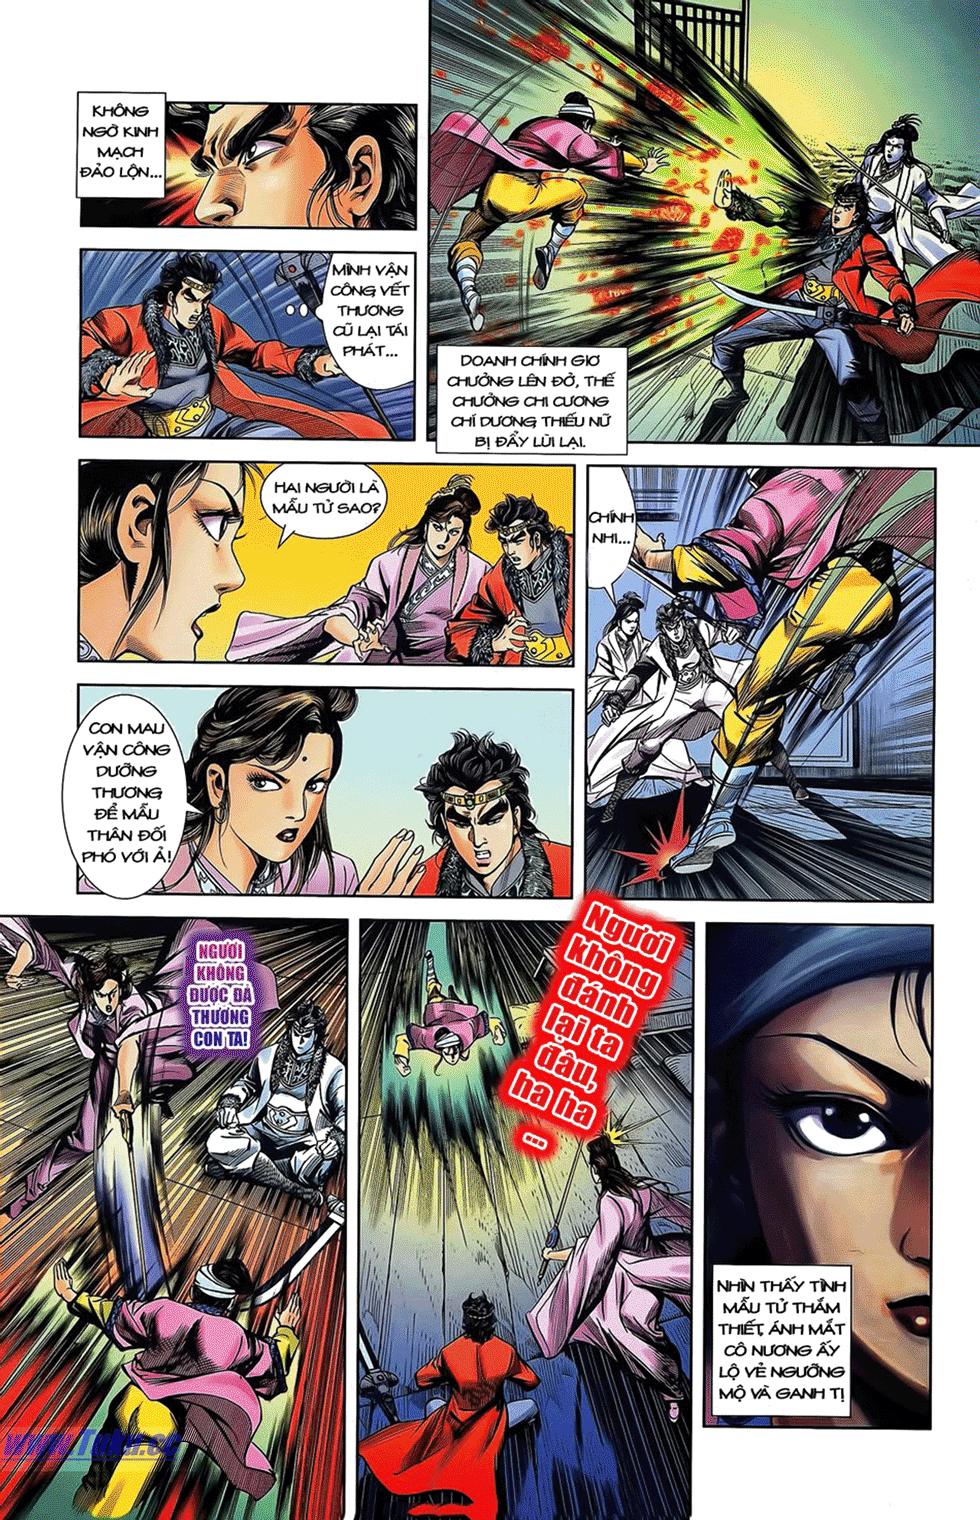 Tần Vương Doanh Chính chapter 12 trang 16